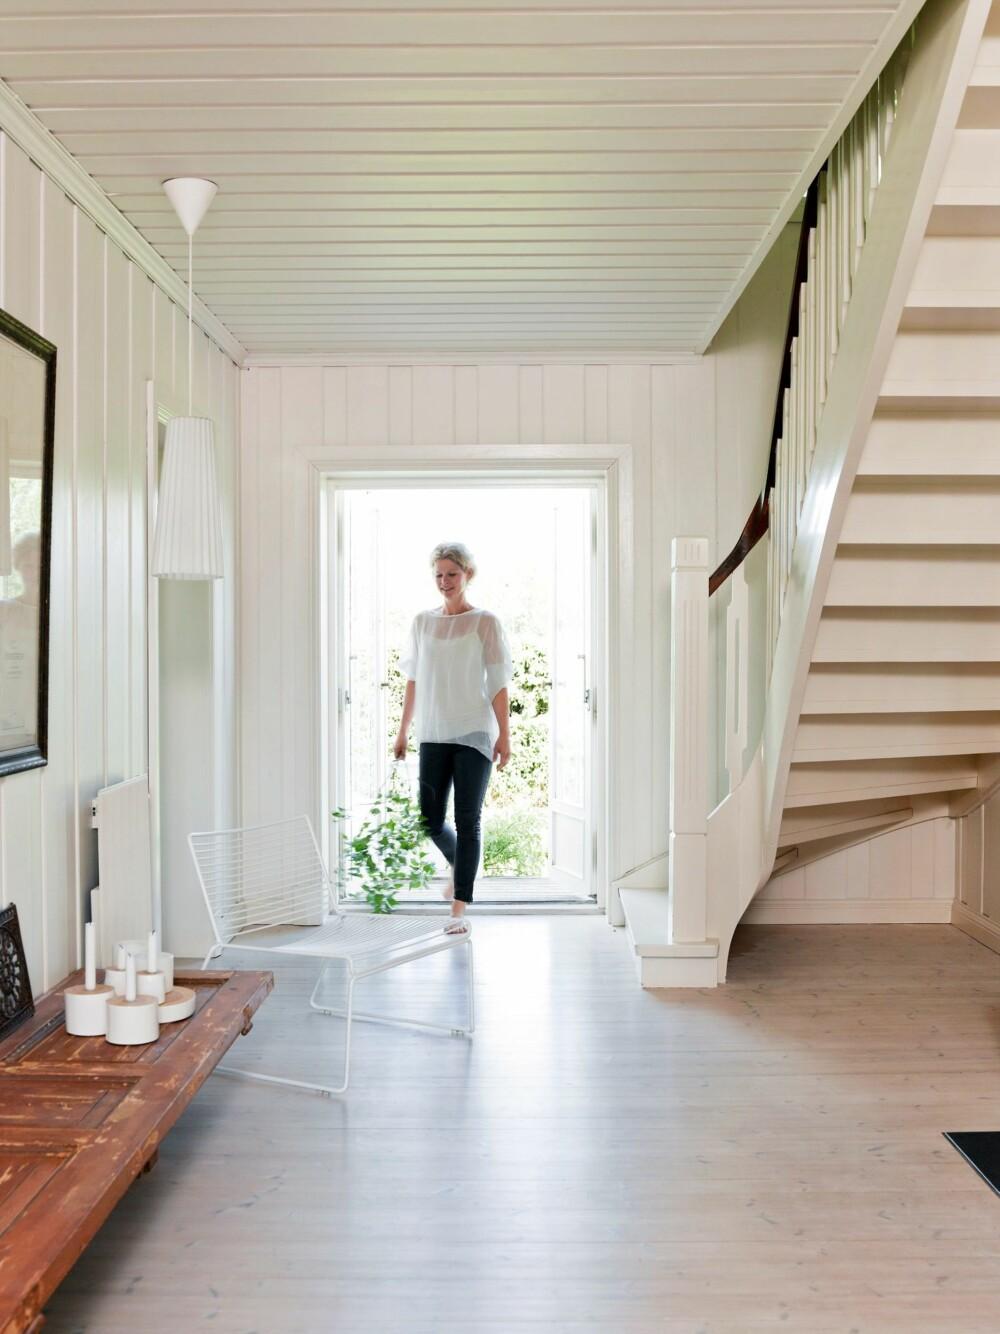 LUFTIG: En rommelig hall ønsker velkommen. Både stolen fra Hay og takpendelen fra Ikea tar opp rillene i radiatoren på veggen - detaljer Cathrine har tenkt på. Styling: Kirsten Visdal.